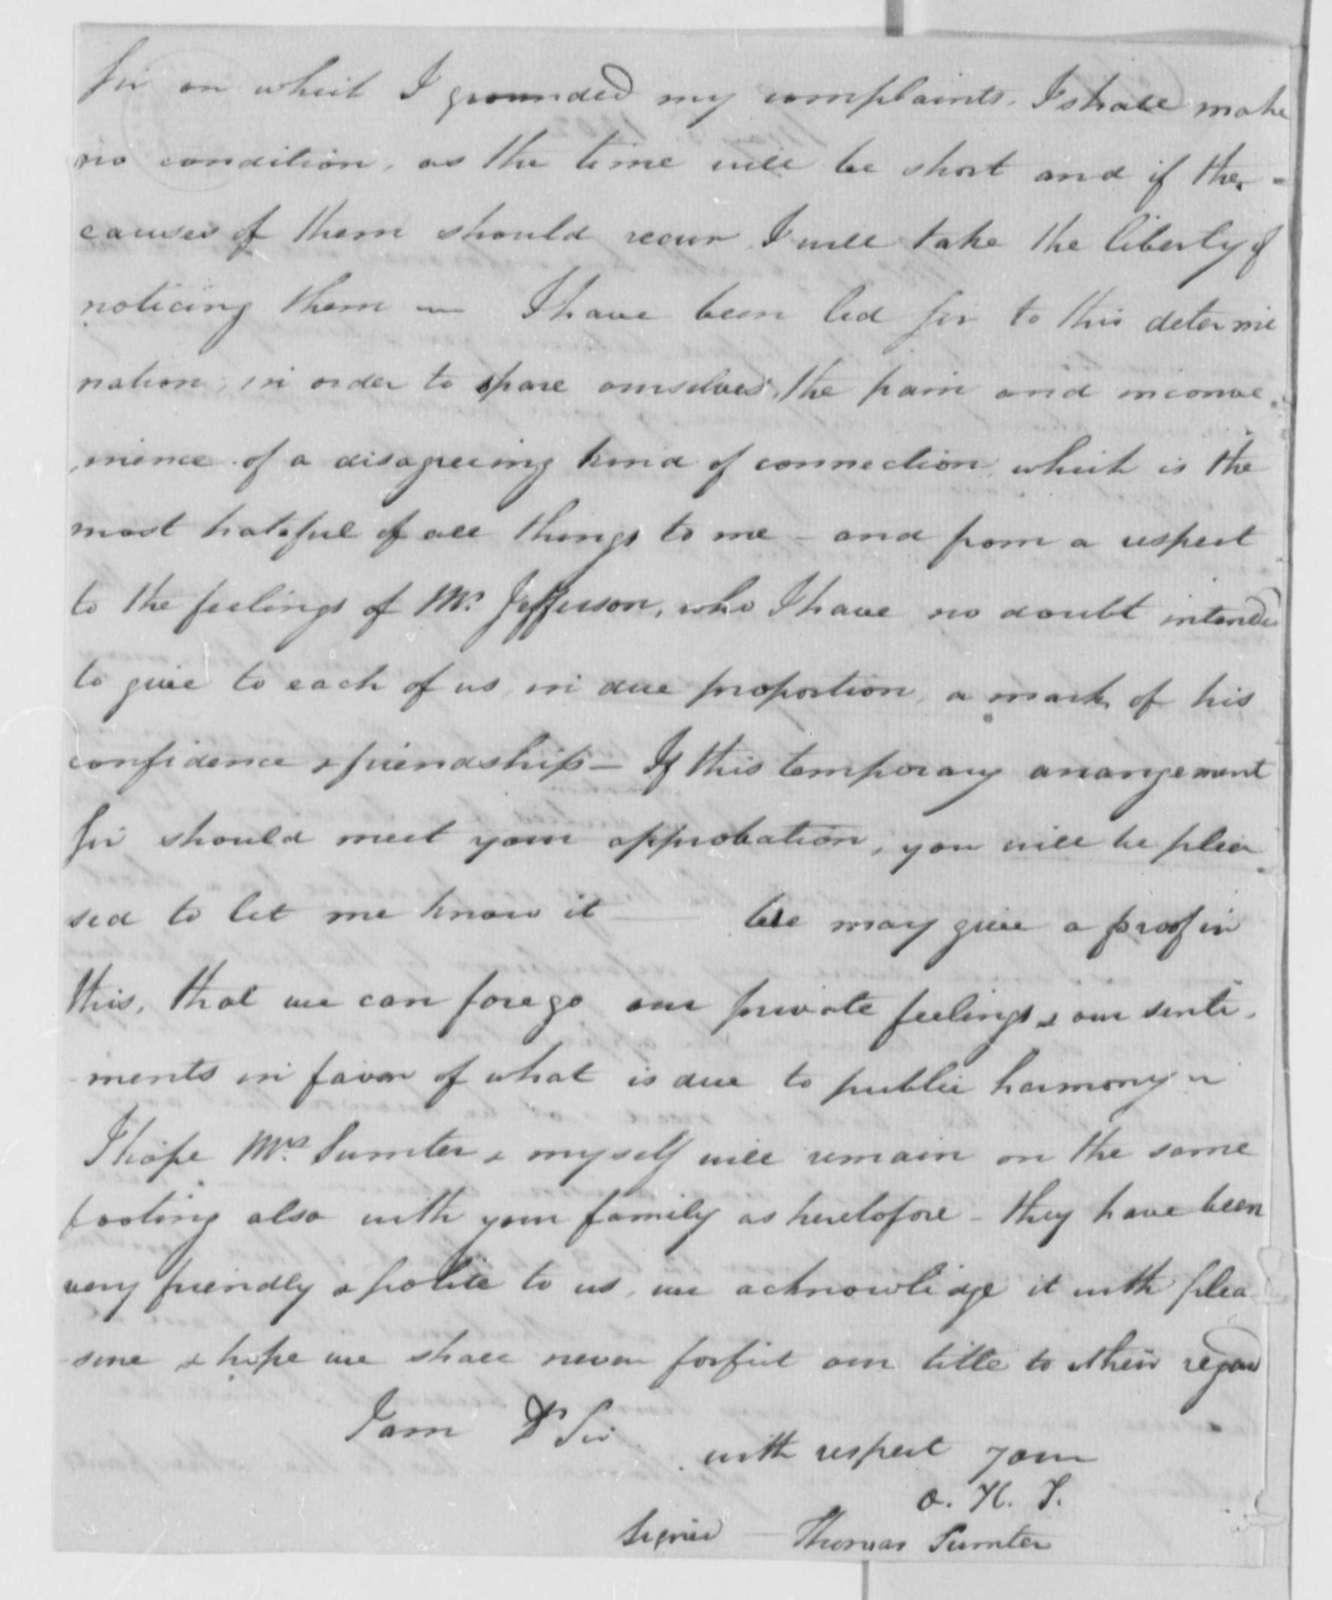 Thomas Sumter, Jr. to Robert R. Livingston, May 6, 1802